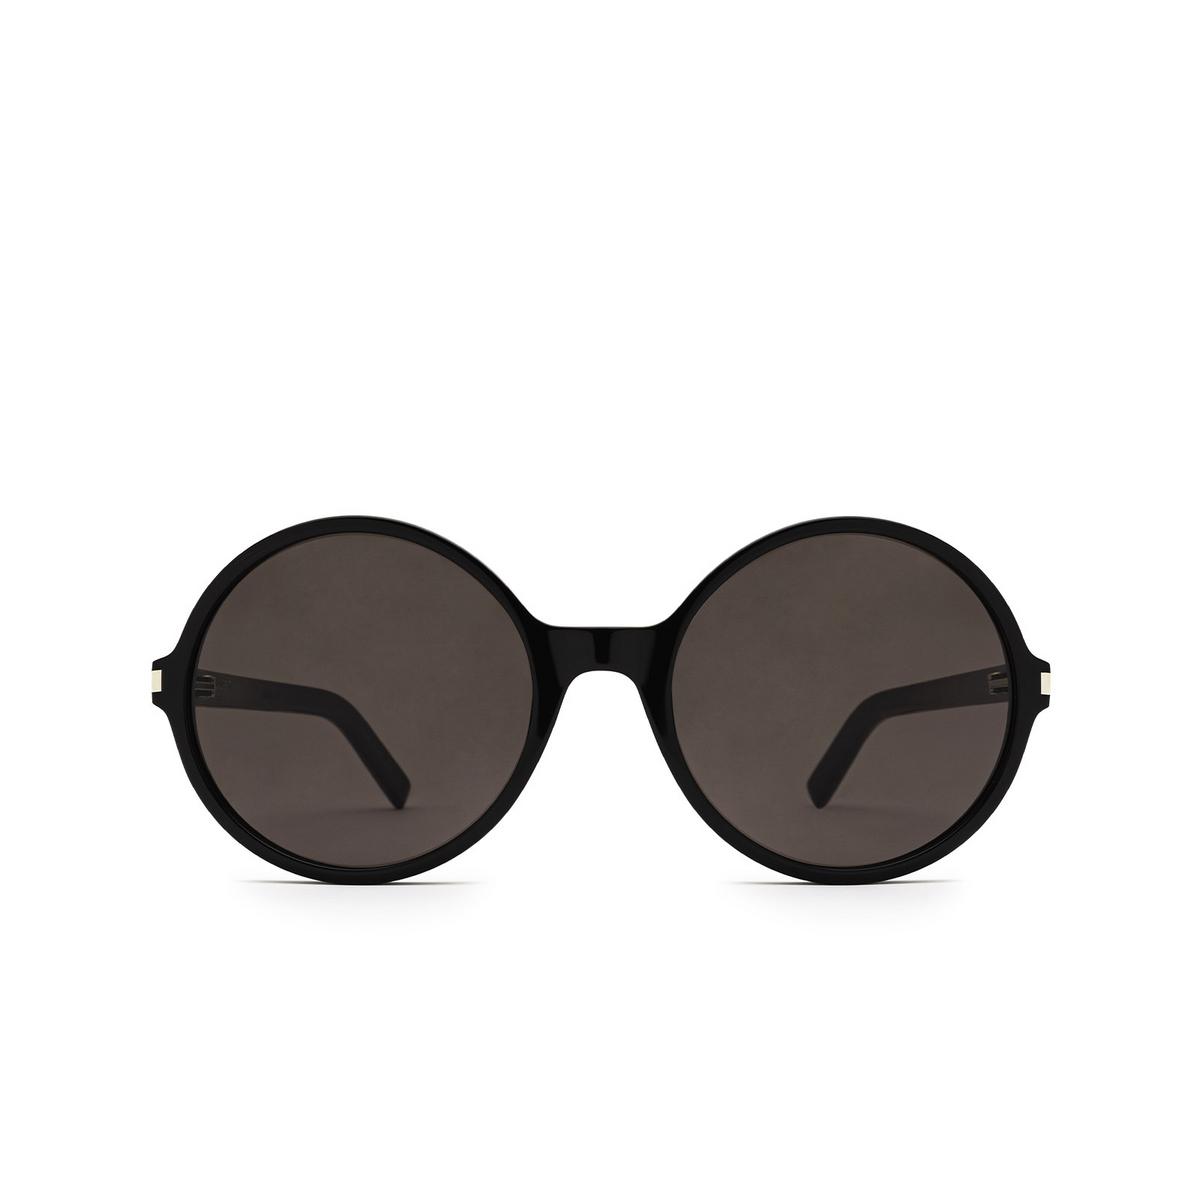 Saint Laurent® Round Sunglasses: SL 450 color Black 001 - front view.